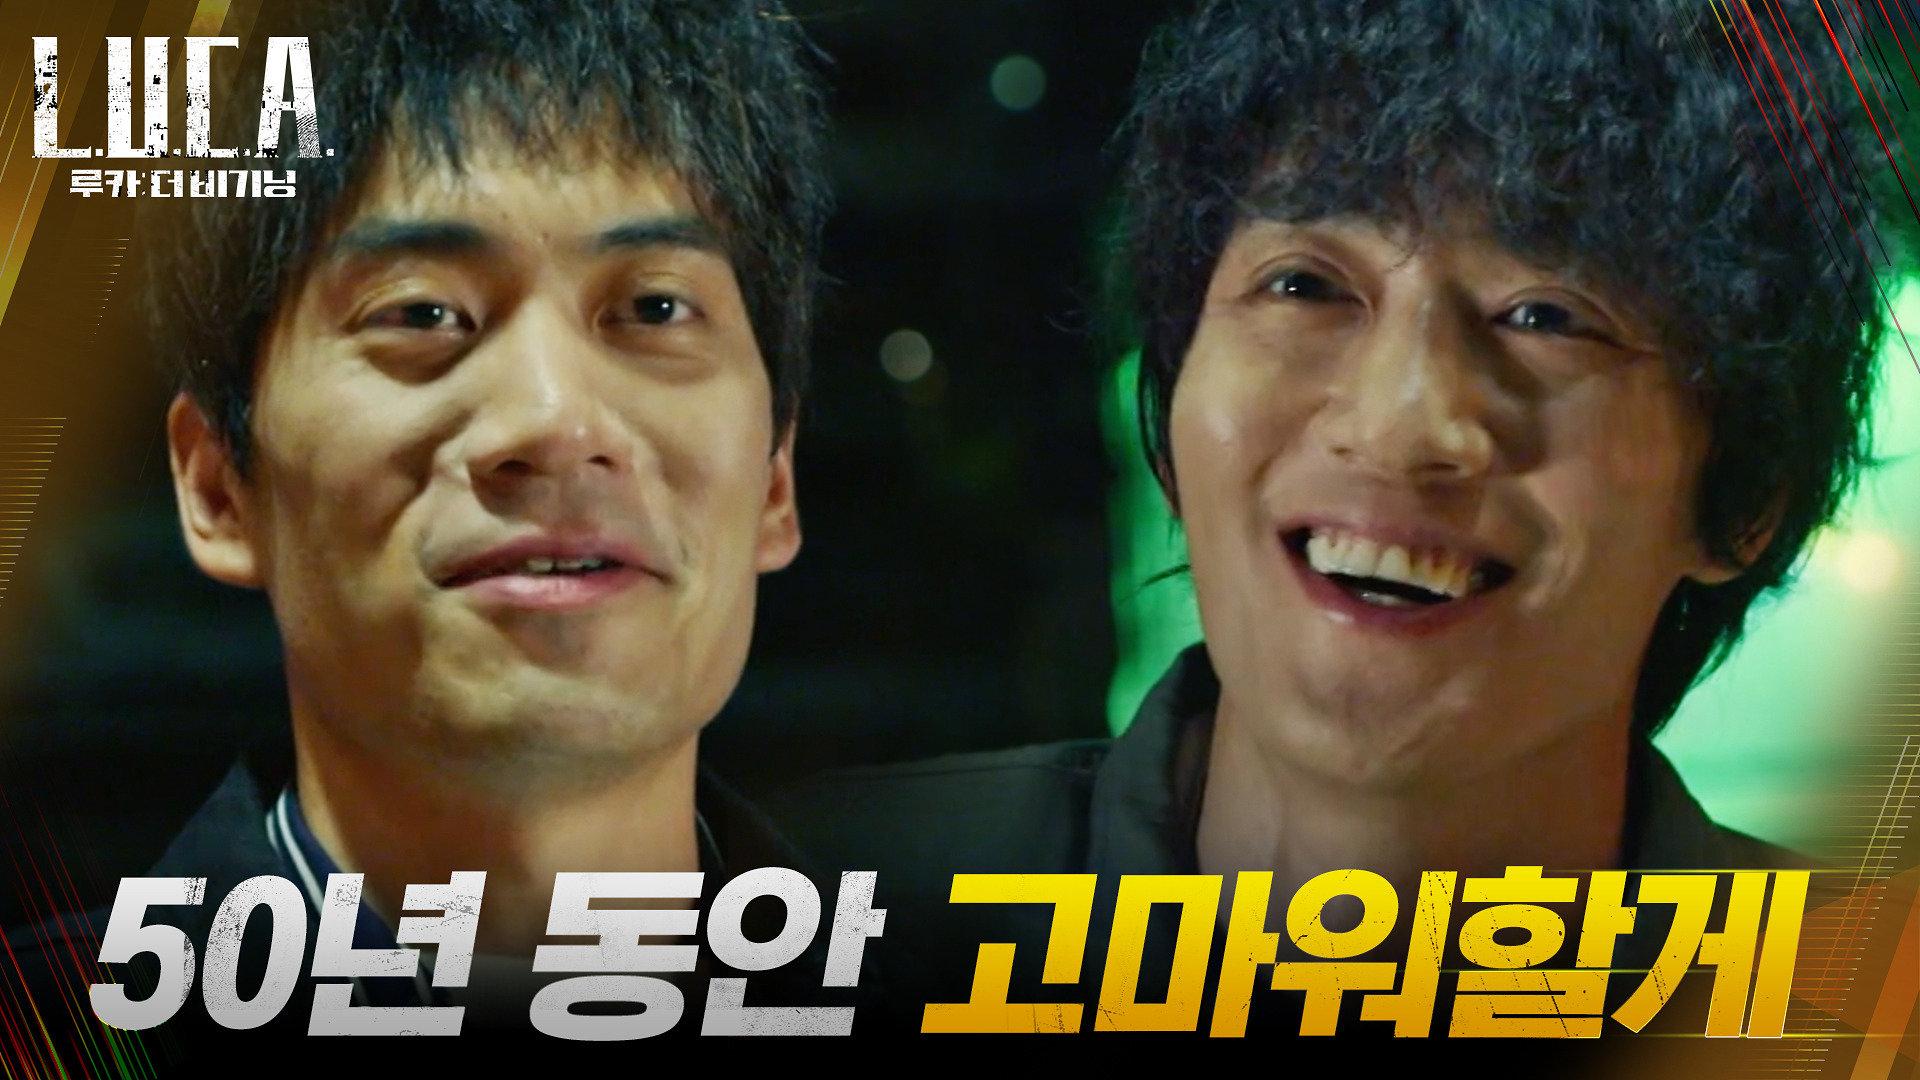 딸 출생 신고 위해 위조 신분증 받은 김래원(thanks to 유일한 친구 안창환) | tvN 210223 방송